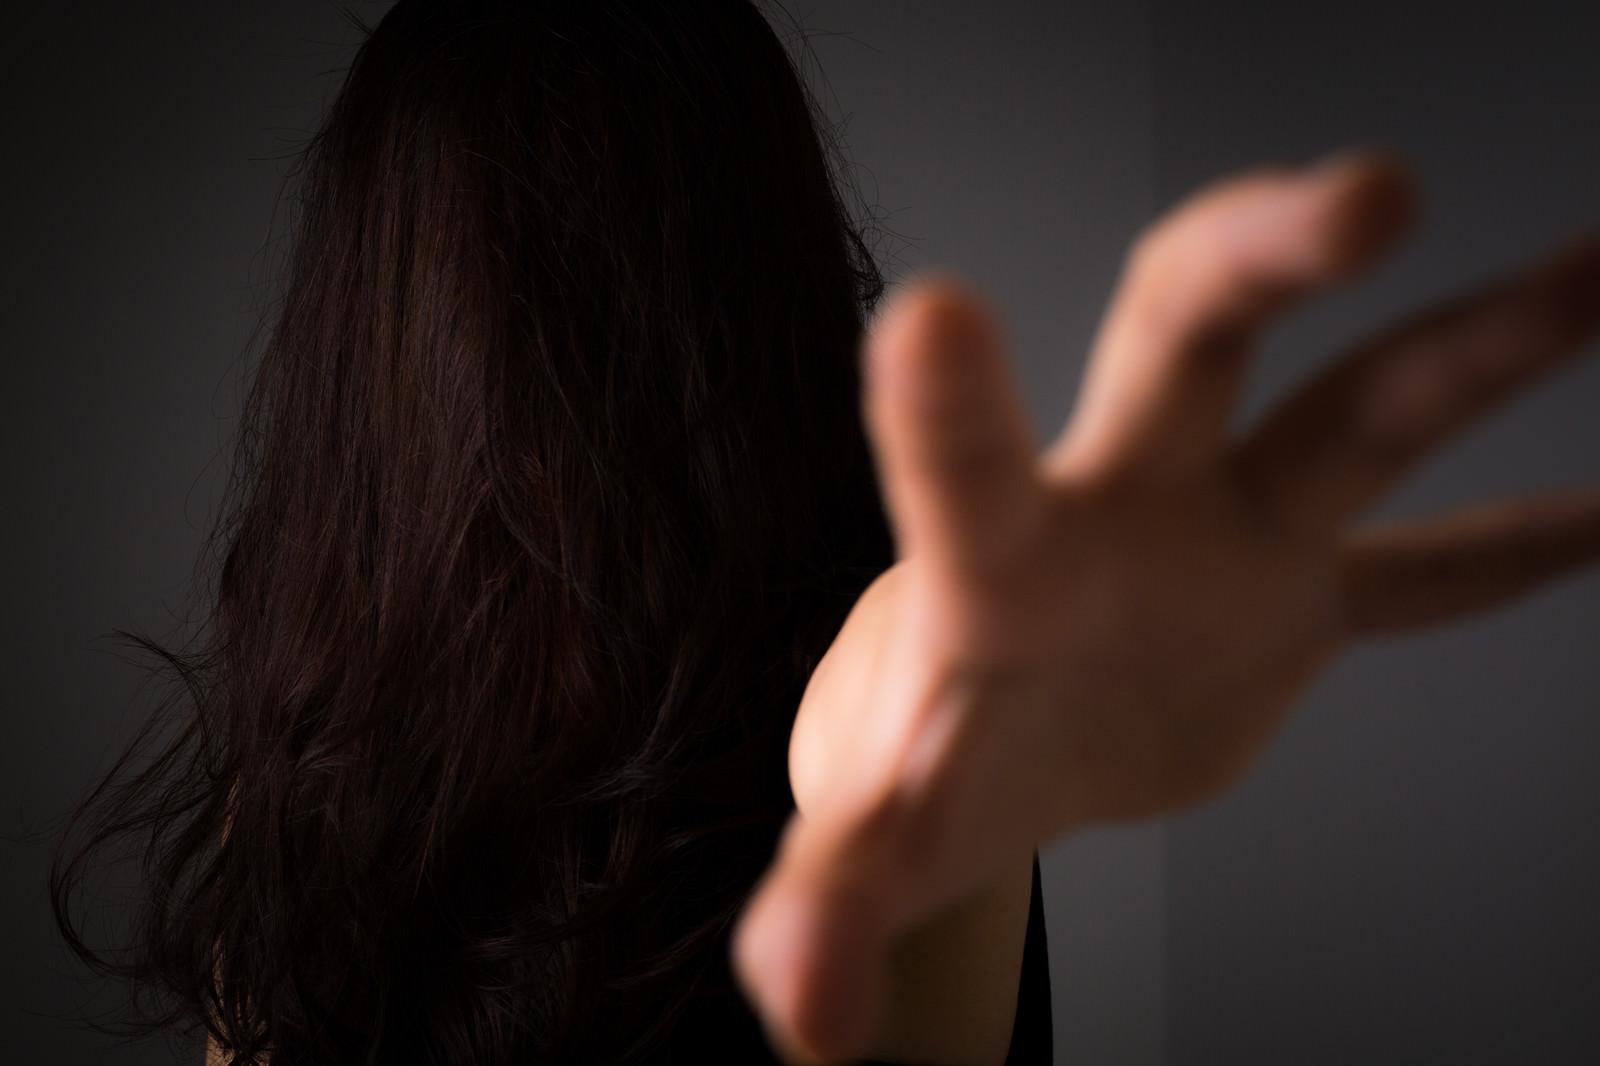 「「絶対に許さない!」と呪いをかける女性「絶対に許さない!」と呪いをかける女性」のフリー写真素材を拡大